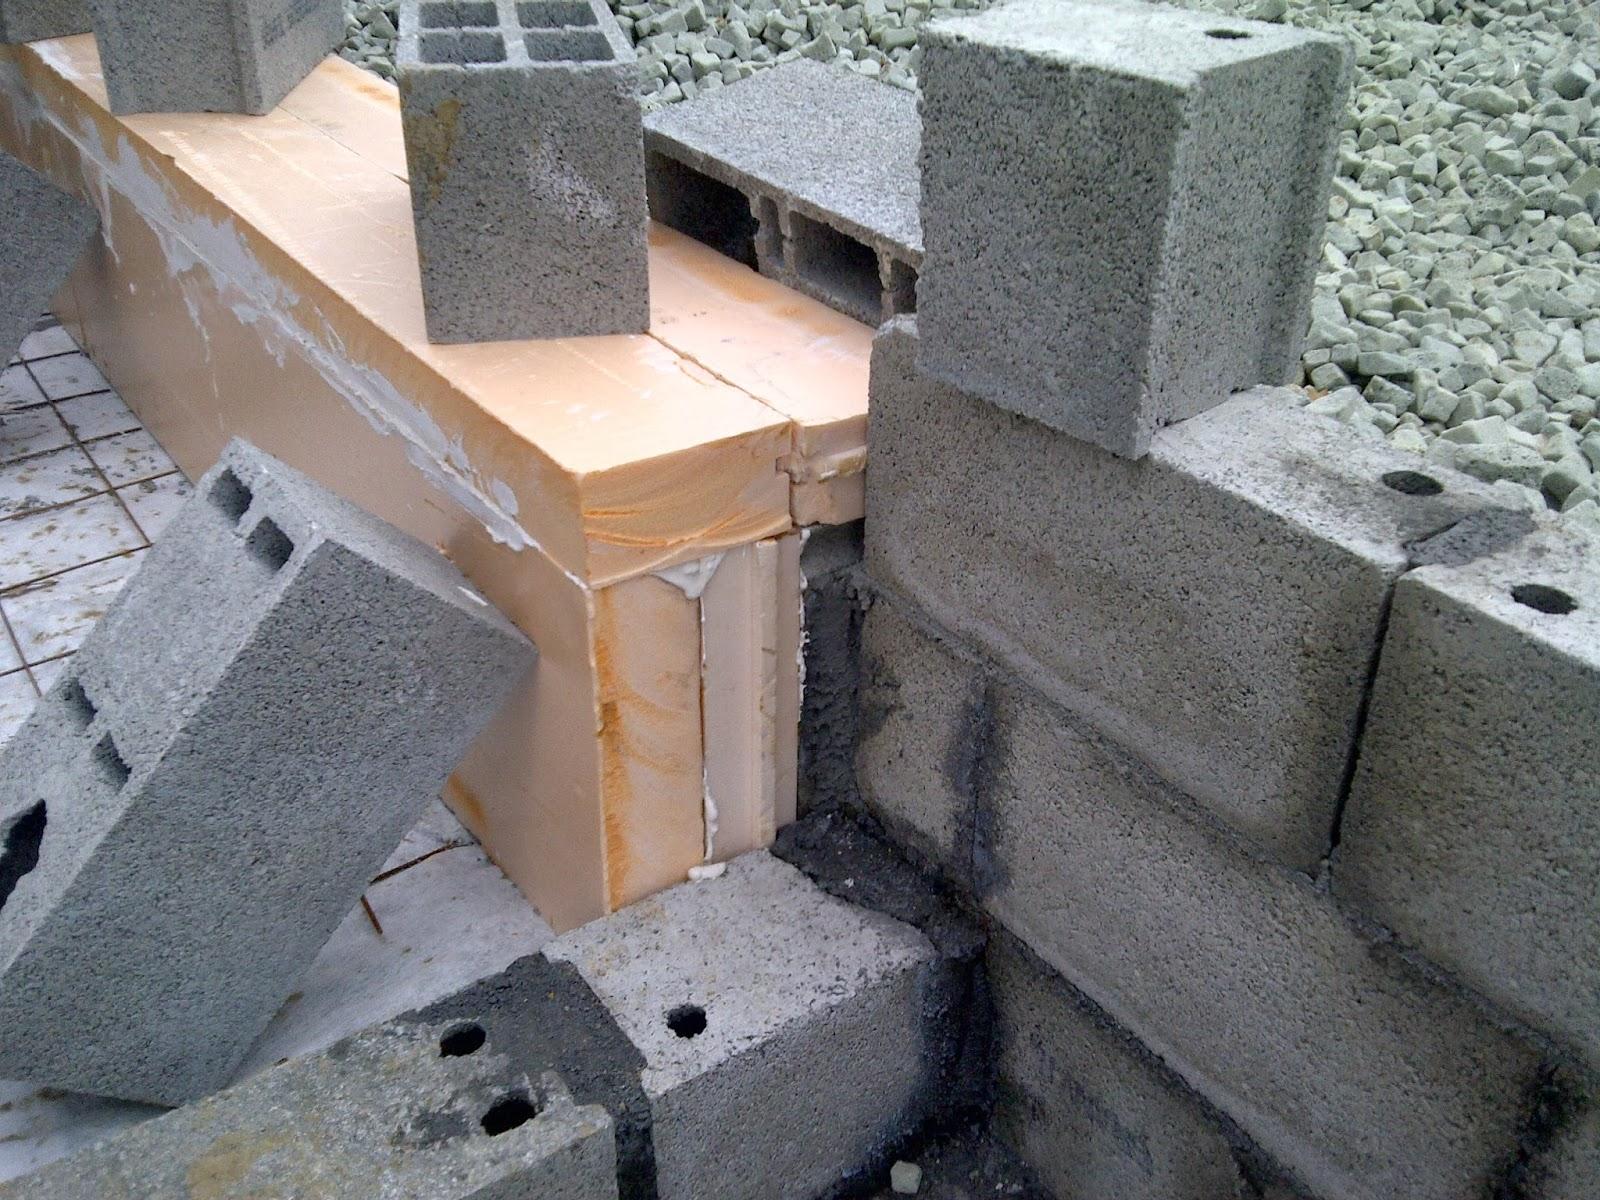 Maison passive dans le coglais isolation de sol mousse - Temps de sechage dalle beton pour marcher dessus ...